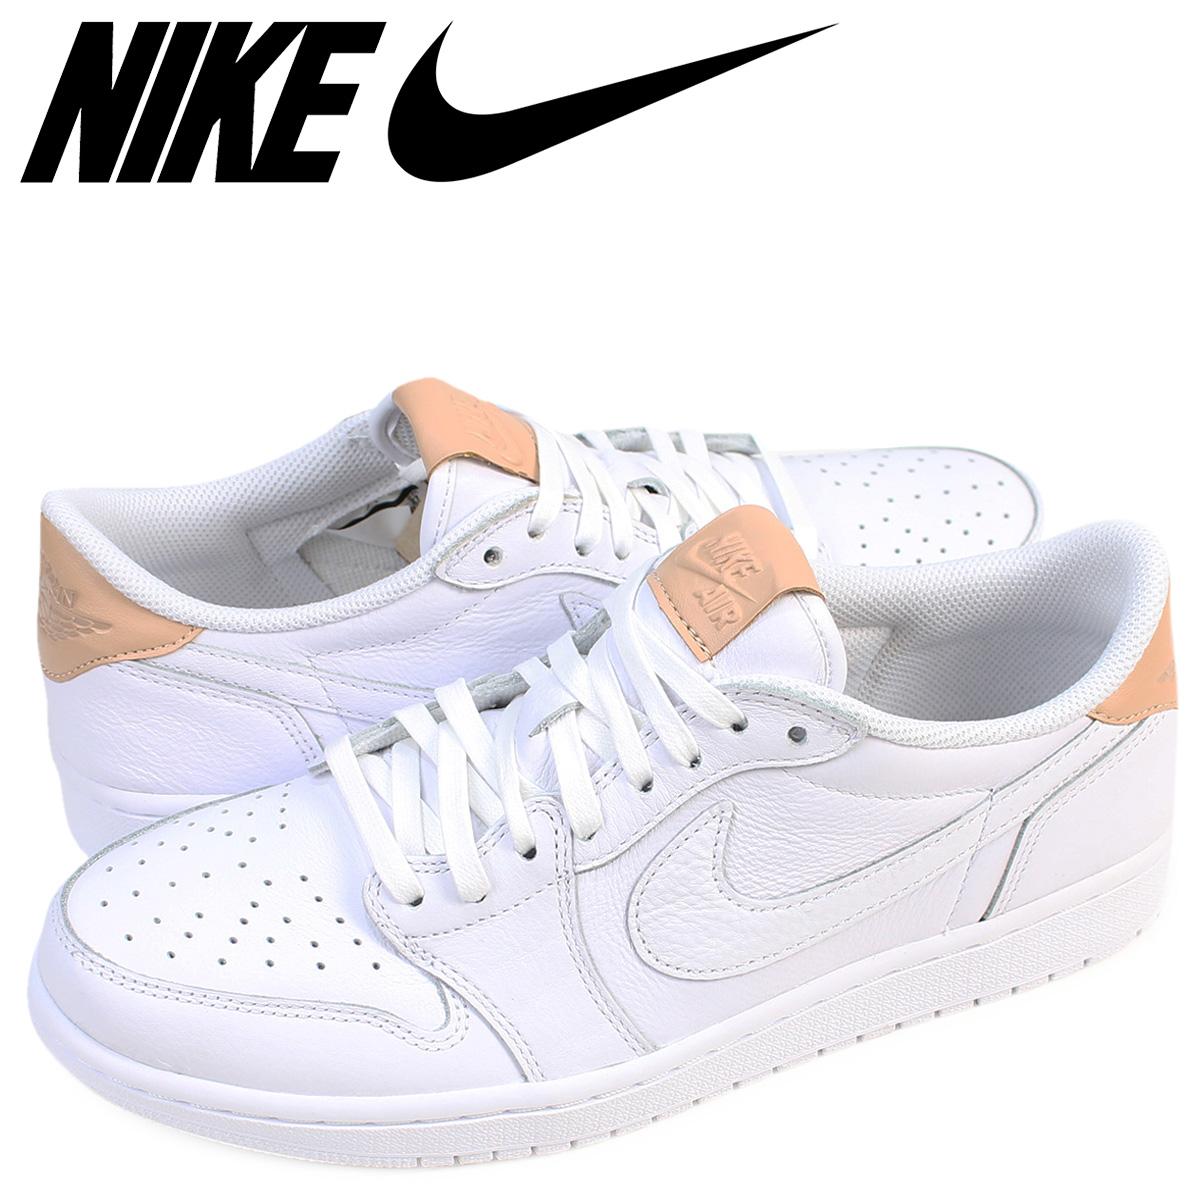 1be720d05d66b9 Whats up Sports  Nike NIKE Air Jordan sneakers AIR JORDAN 1 RETRO LOW OG  PREMIUM men low 905